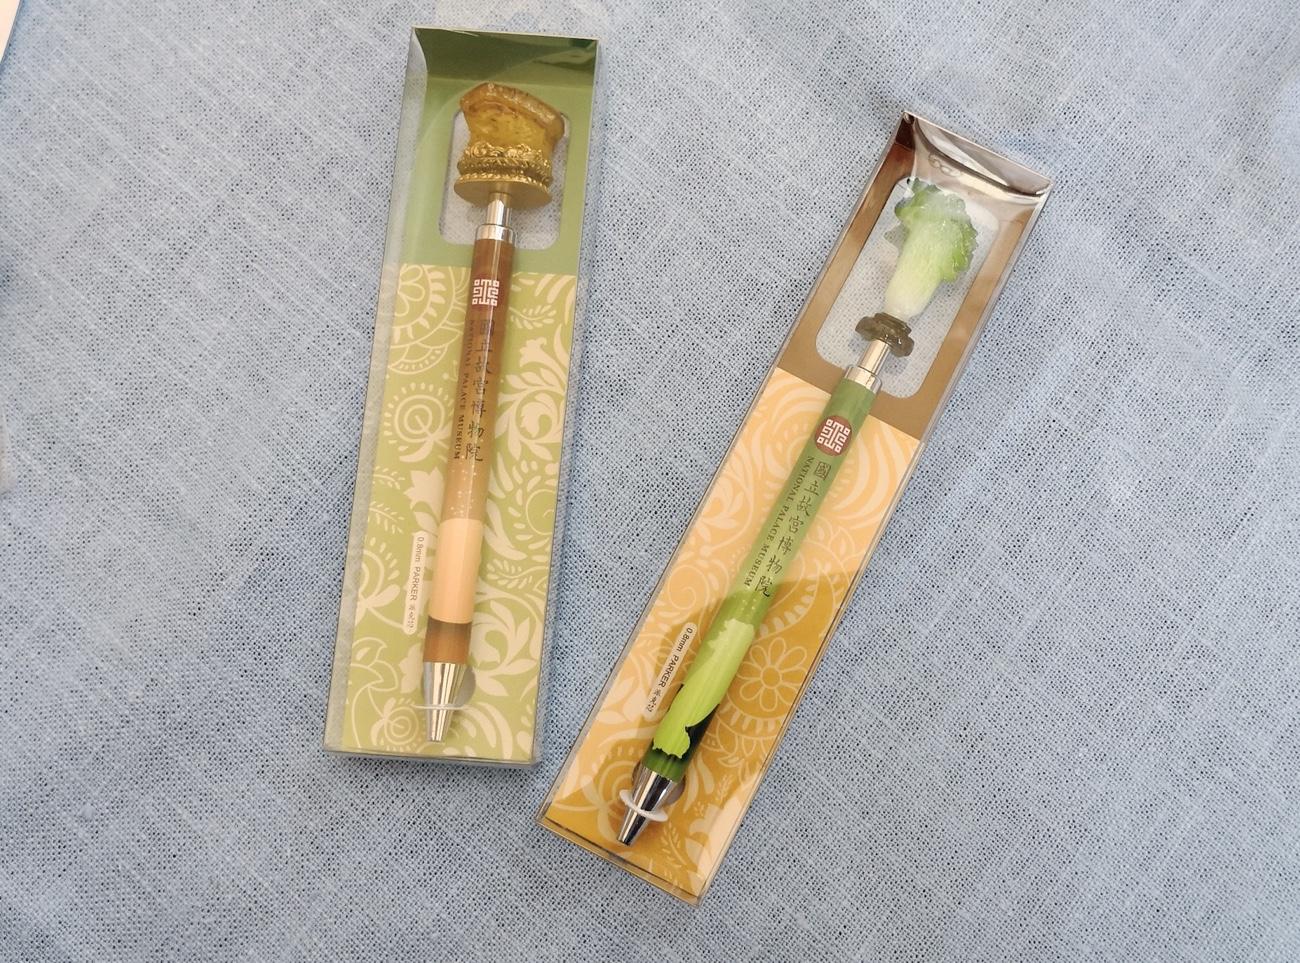 故宮博物院おすすめのお土産 角煮と白菜のボールペン キーホルダー